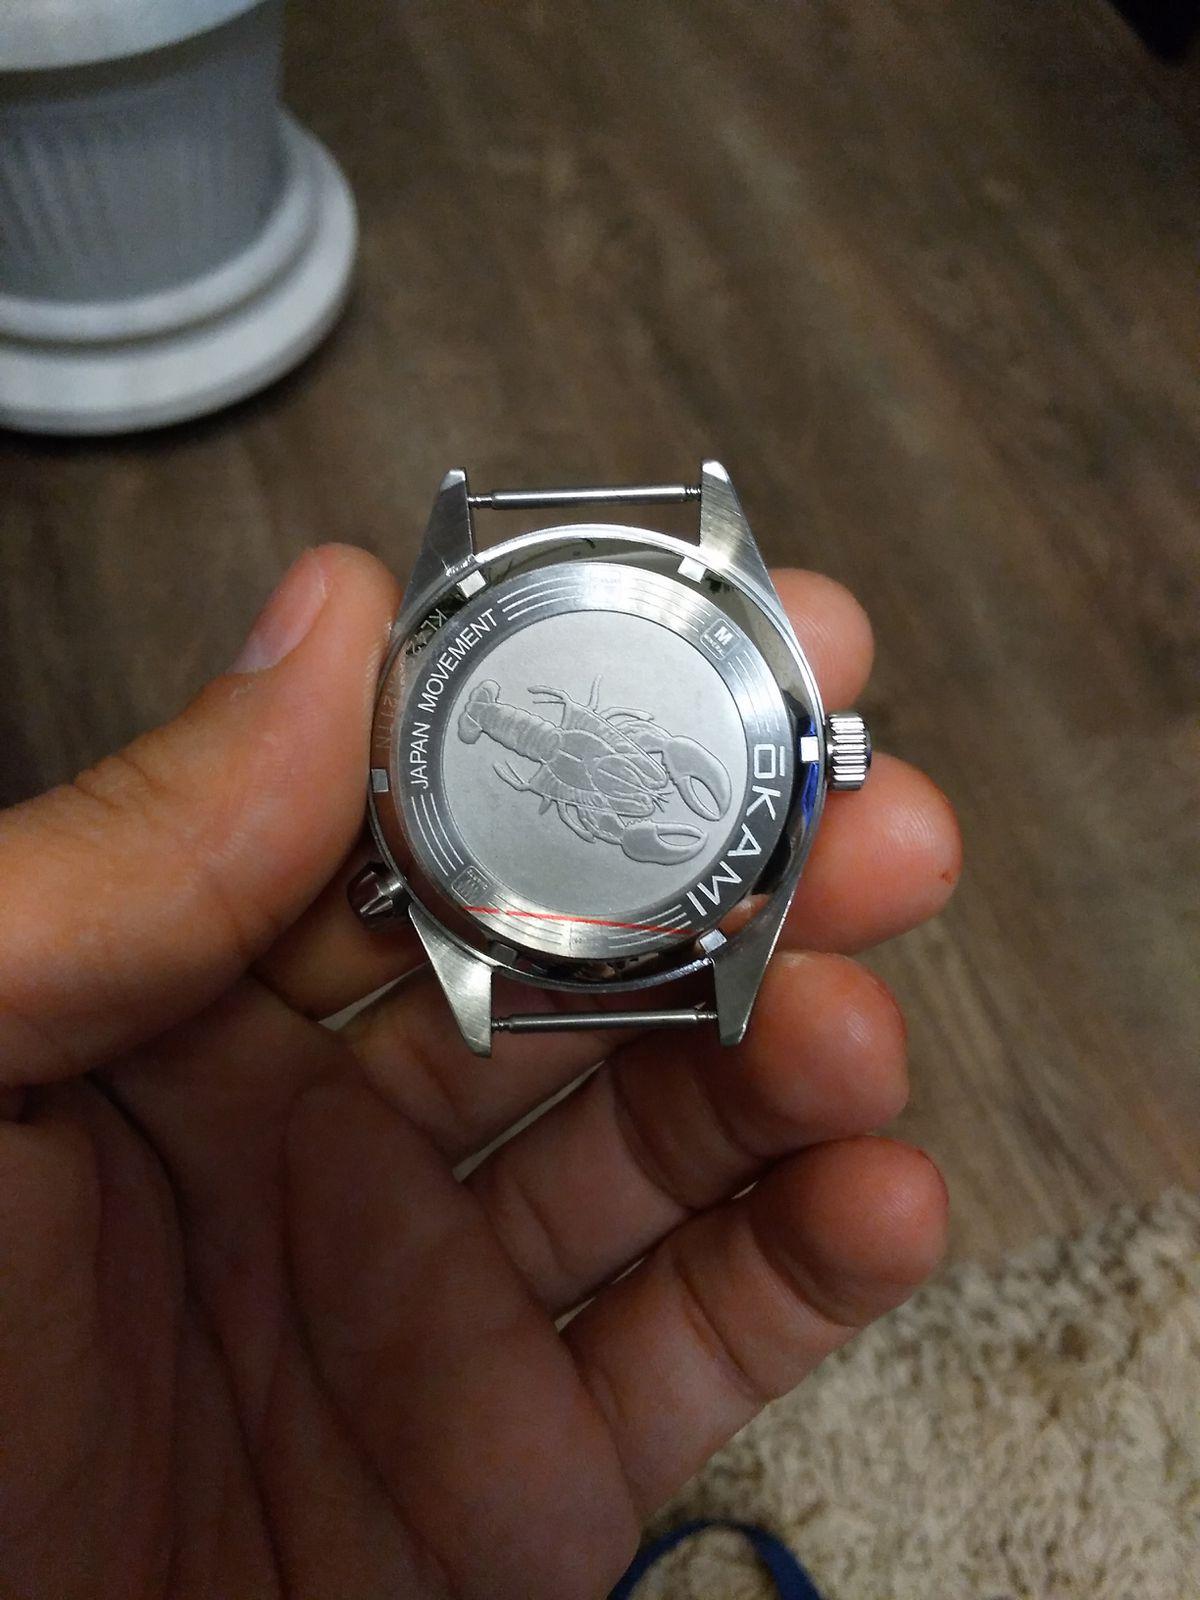 Достойные часы за небольшие деньги.